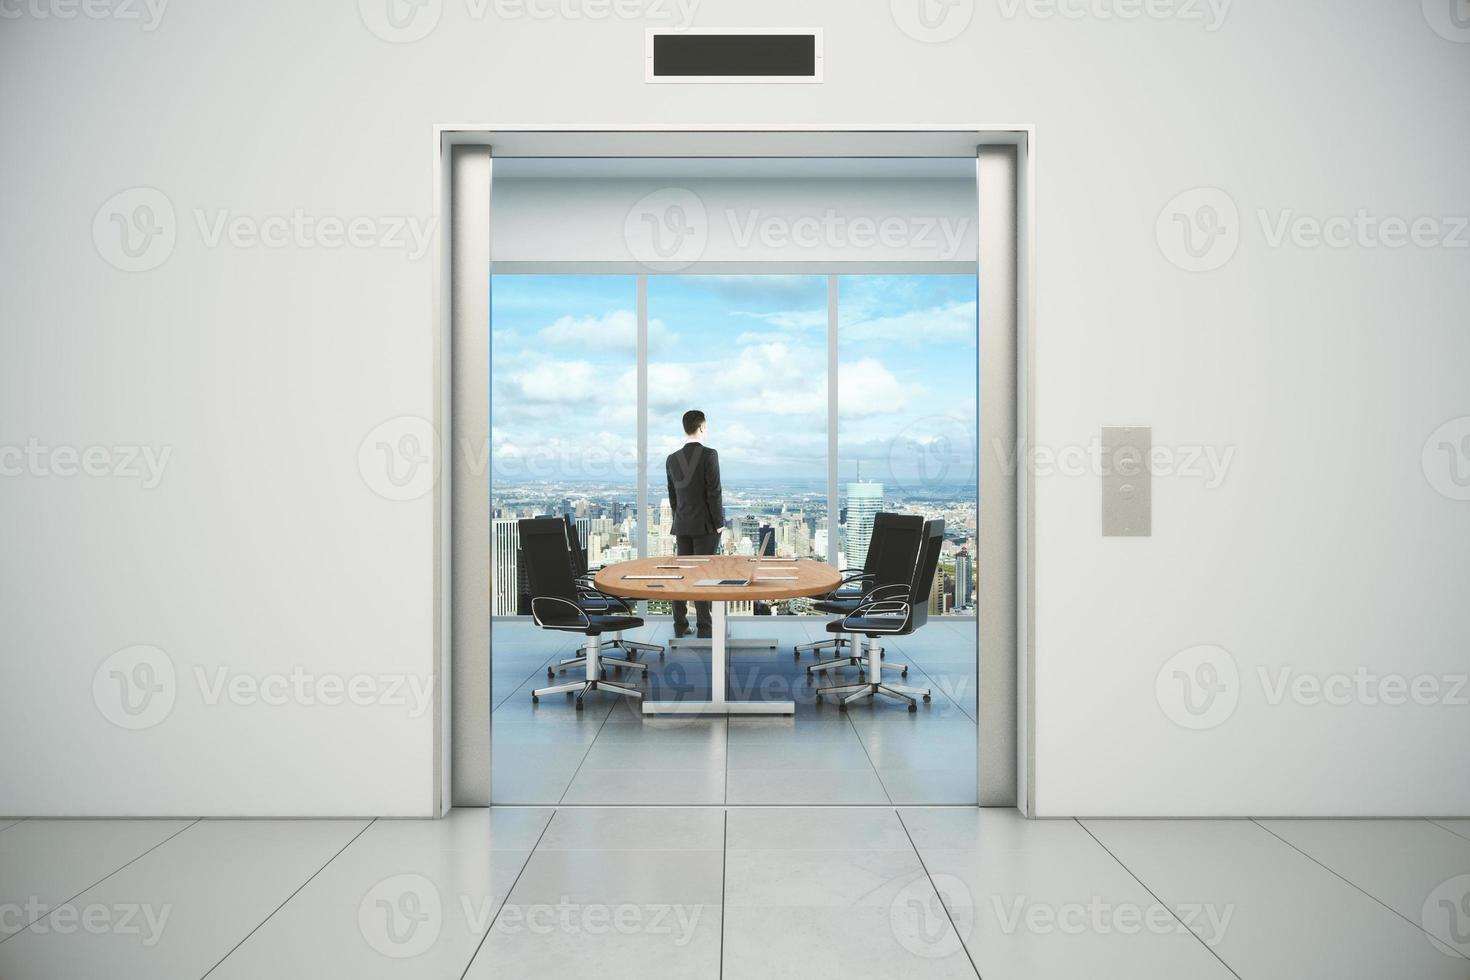 moderna sala conferenze con vista sulla città e uomo d'affari foto